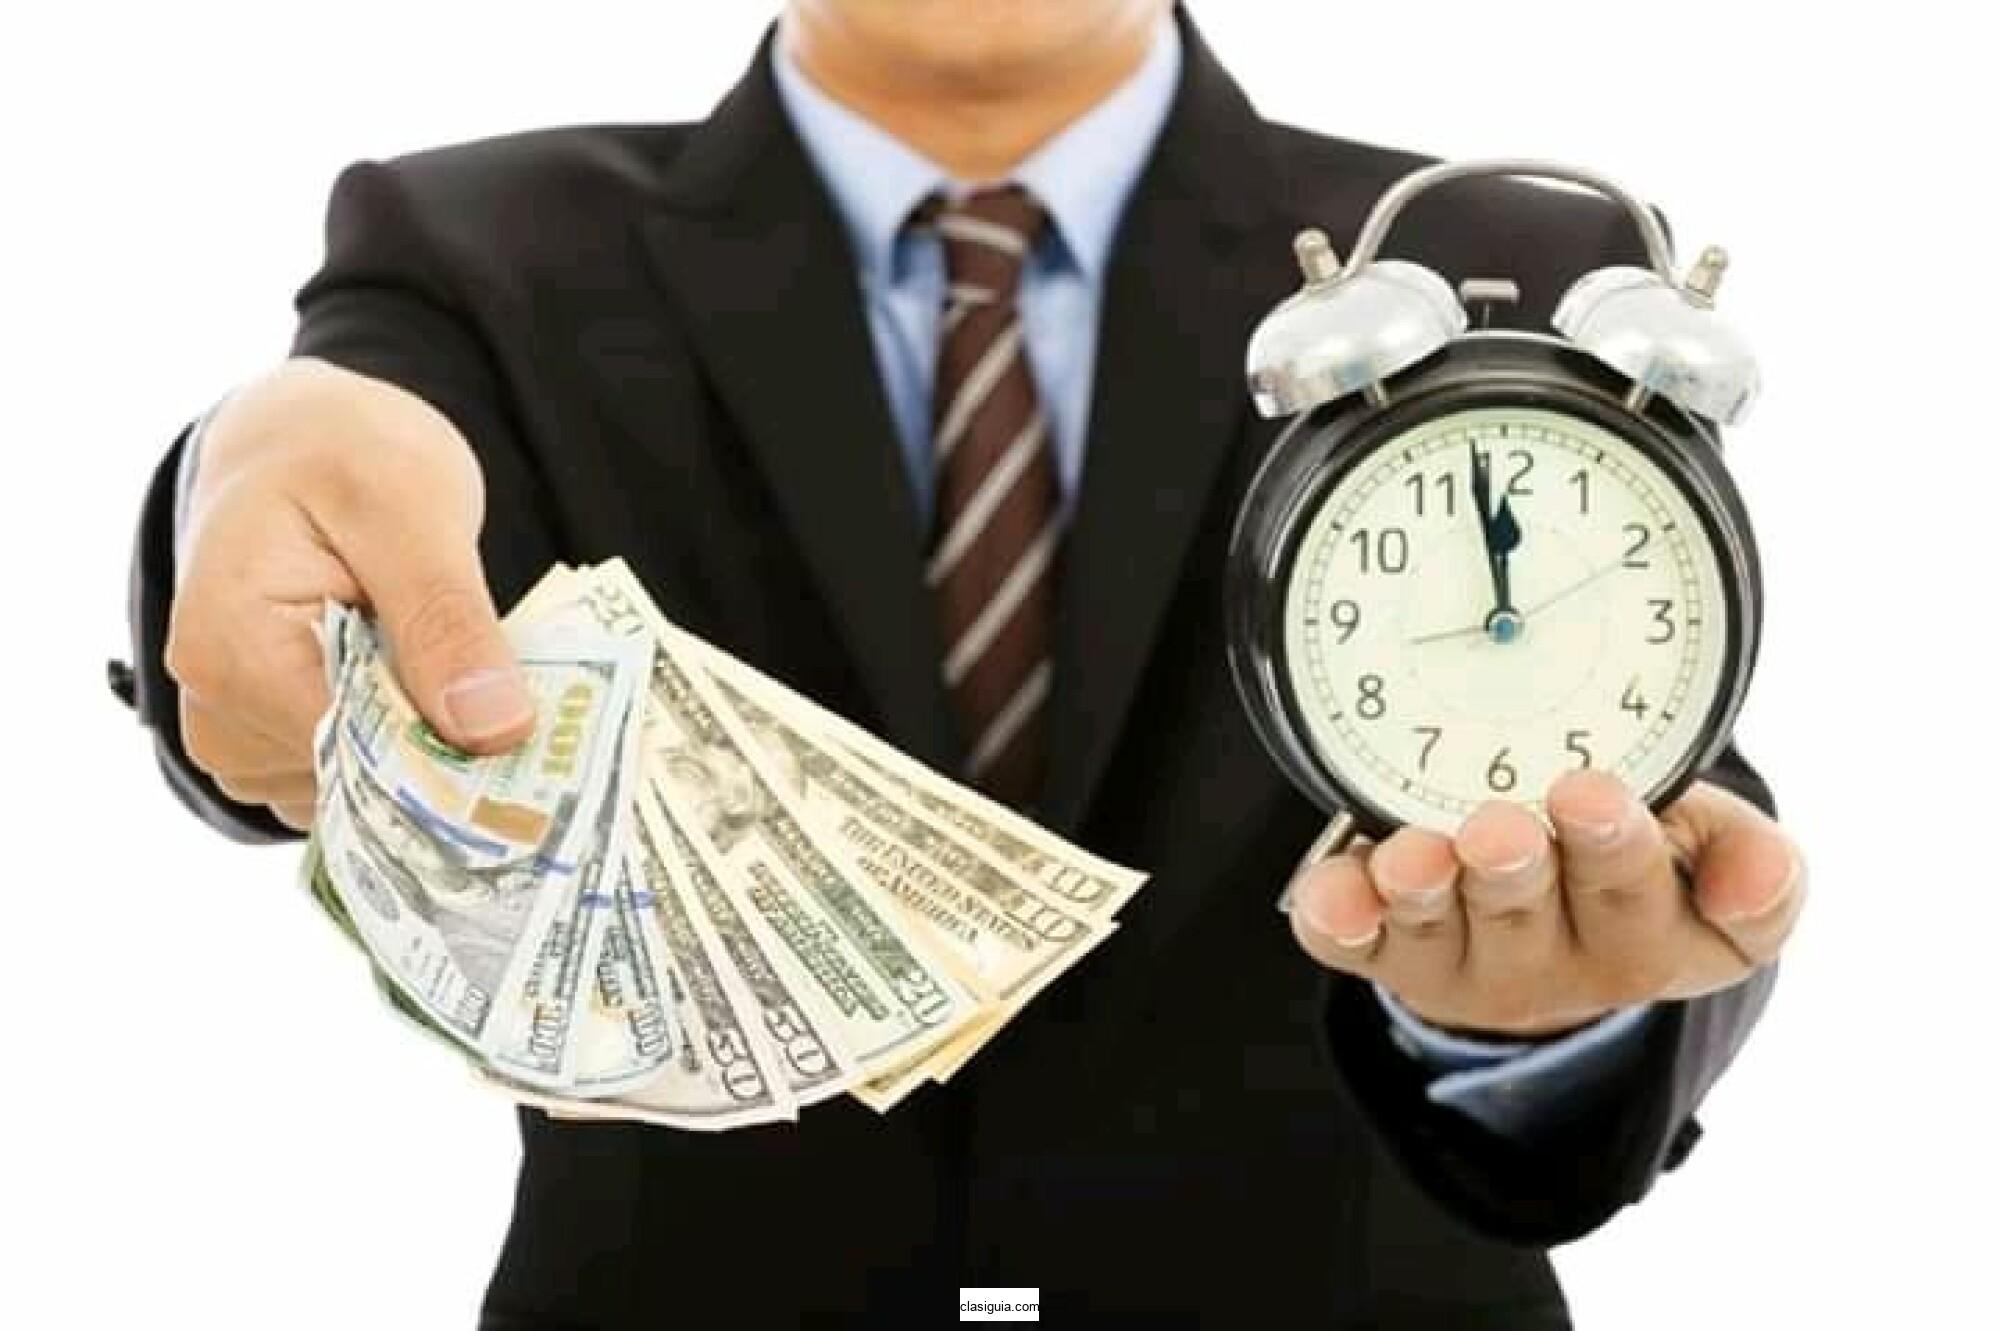 Oferta de préstamo de financiación seria y muy rápida